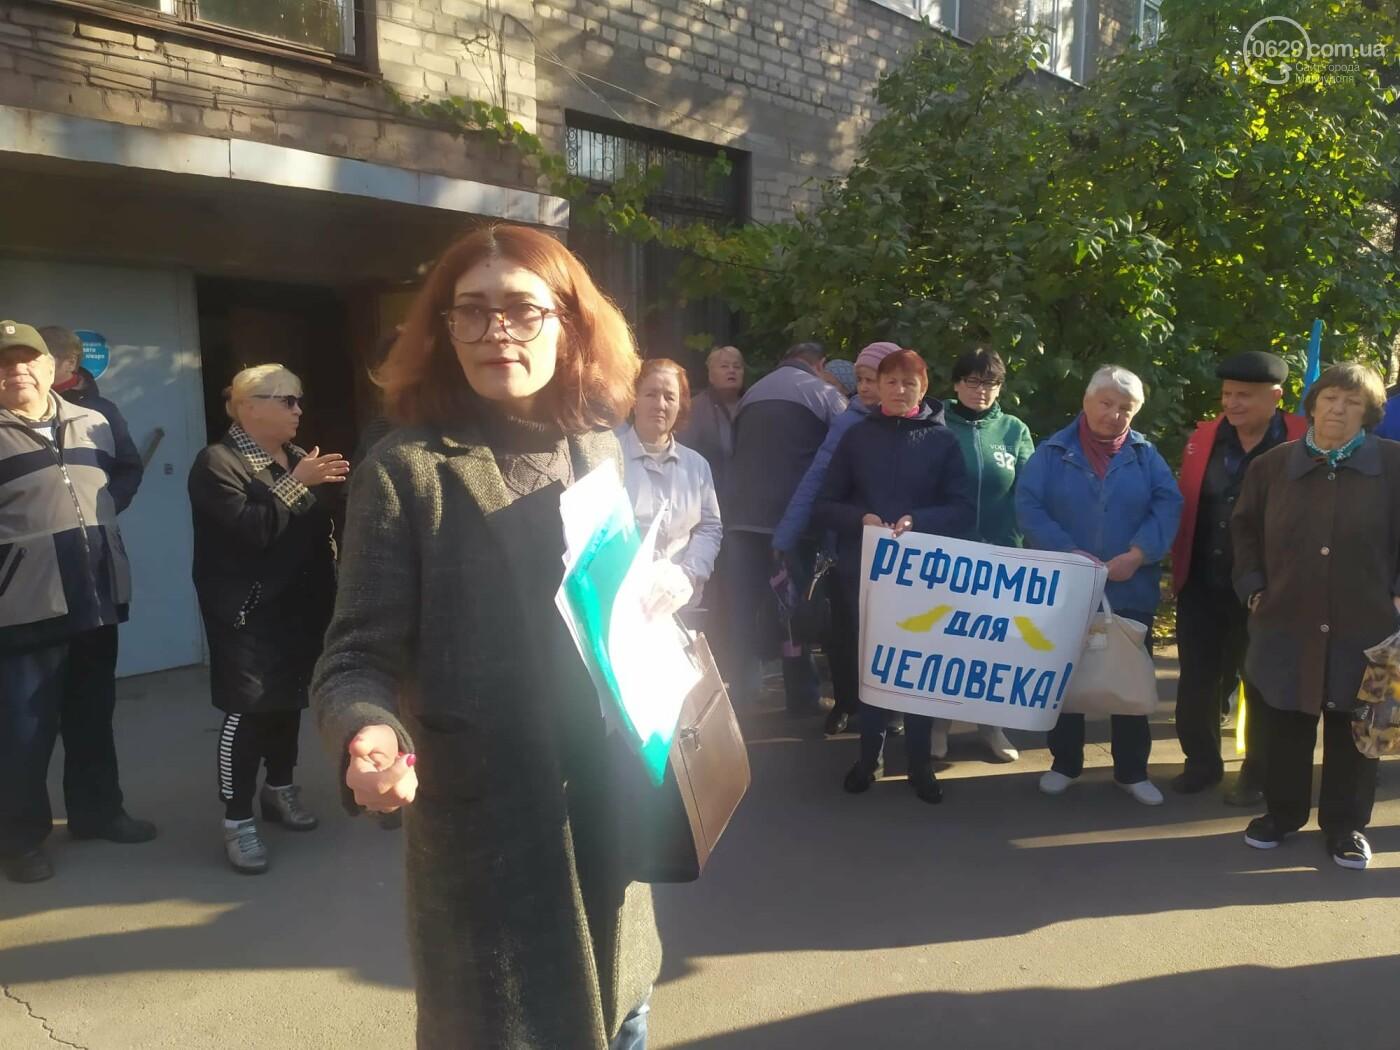 В Мариуполе митинговали против закрытия поликлиники в Кальмиусском районе, - ФОТО, фото-1